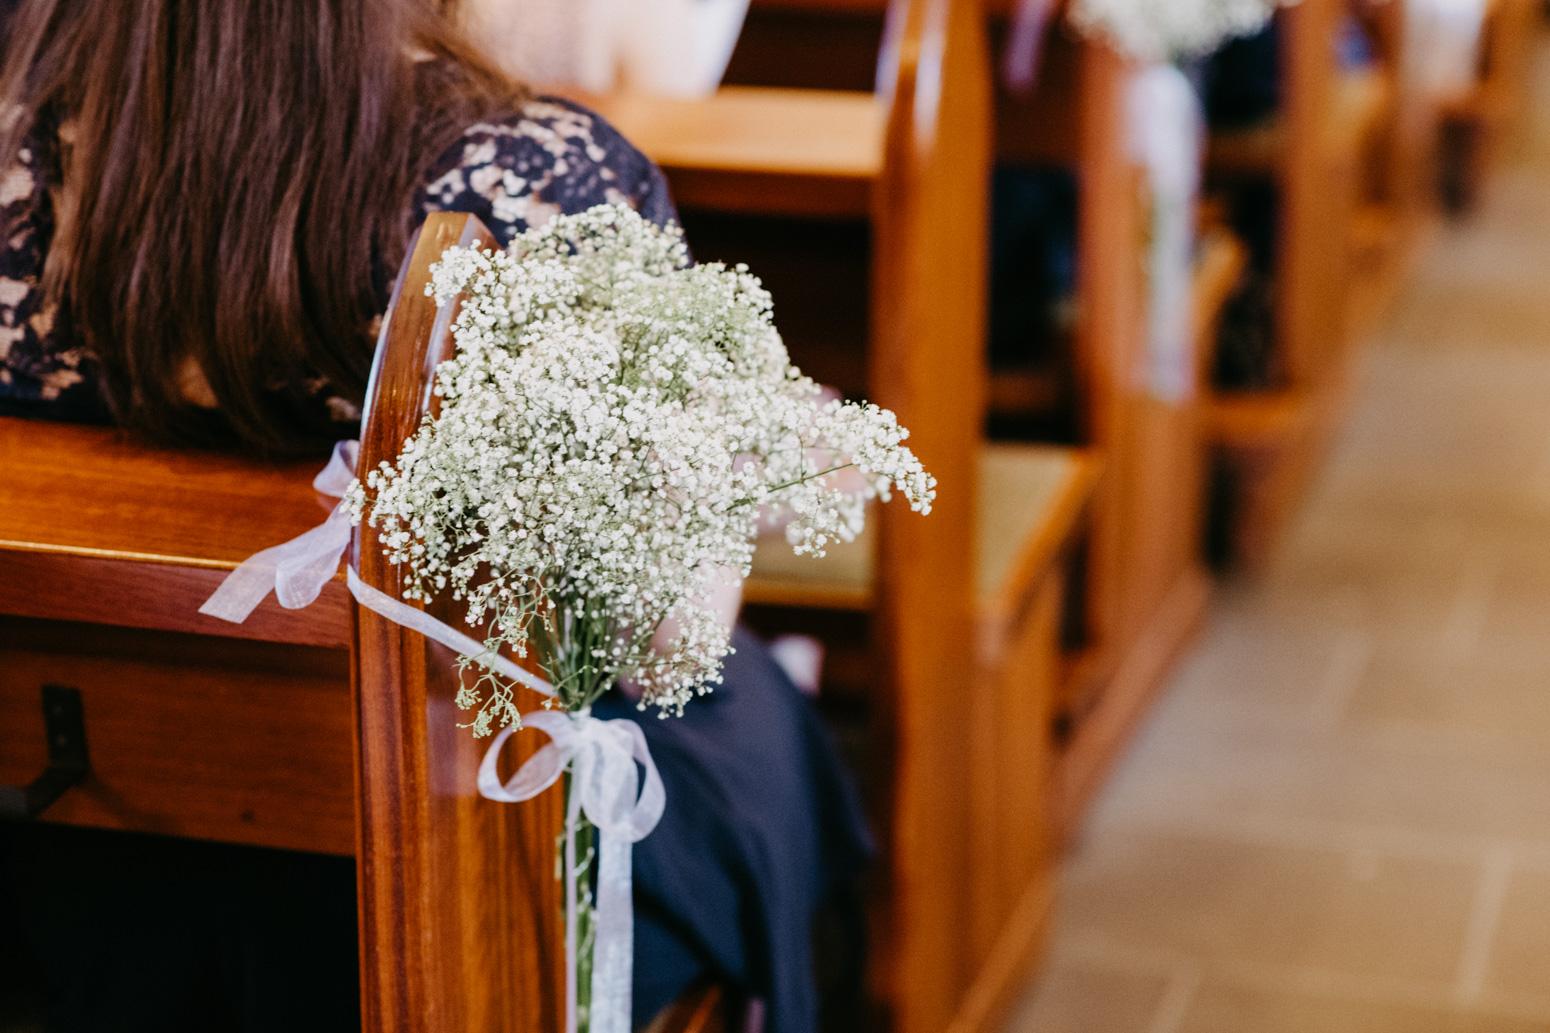 Blumendekoration in der Kirche St. Laurentius in Remagen, Oberwinter. Hochzeitsfotografin Daria Becker von Genuine Bonds aus Bonn